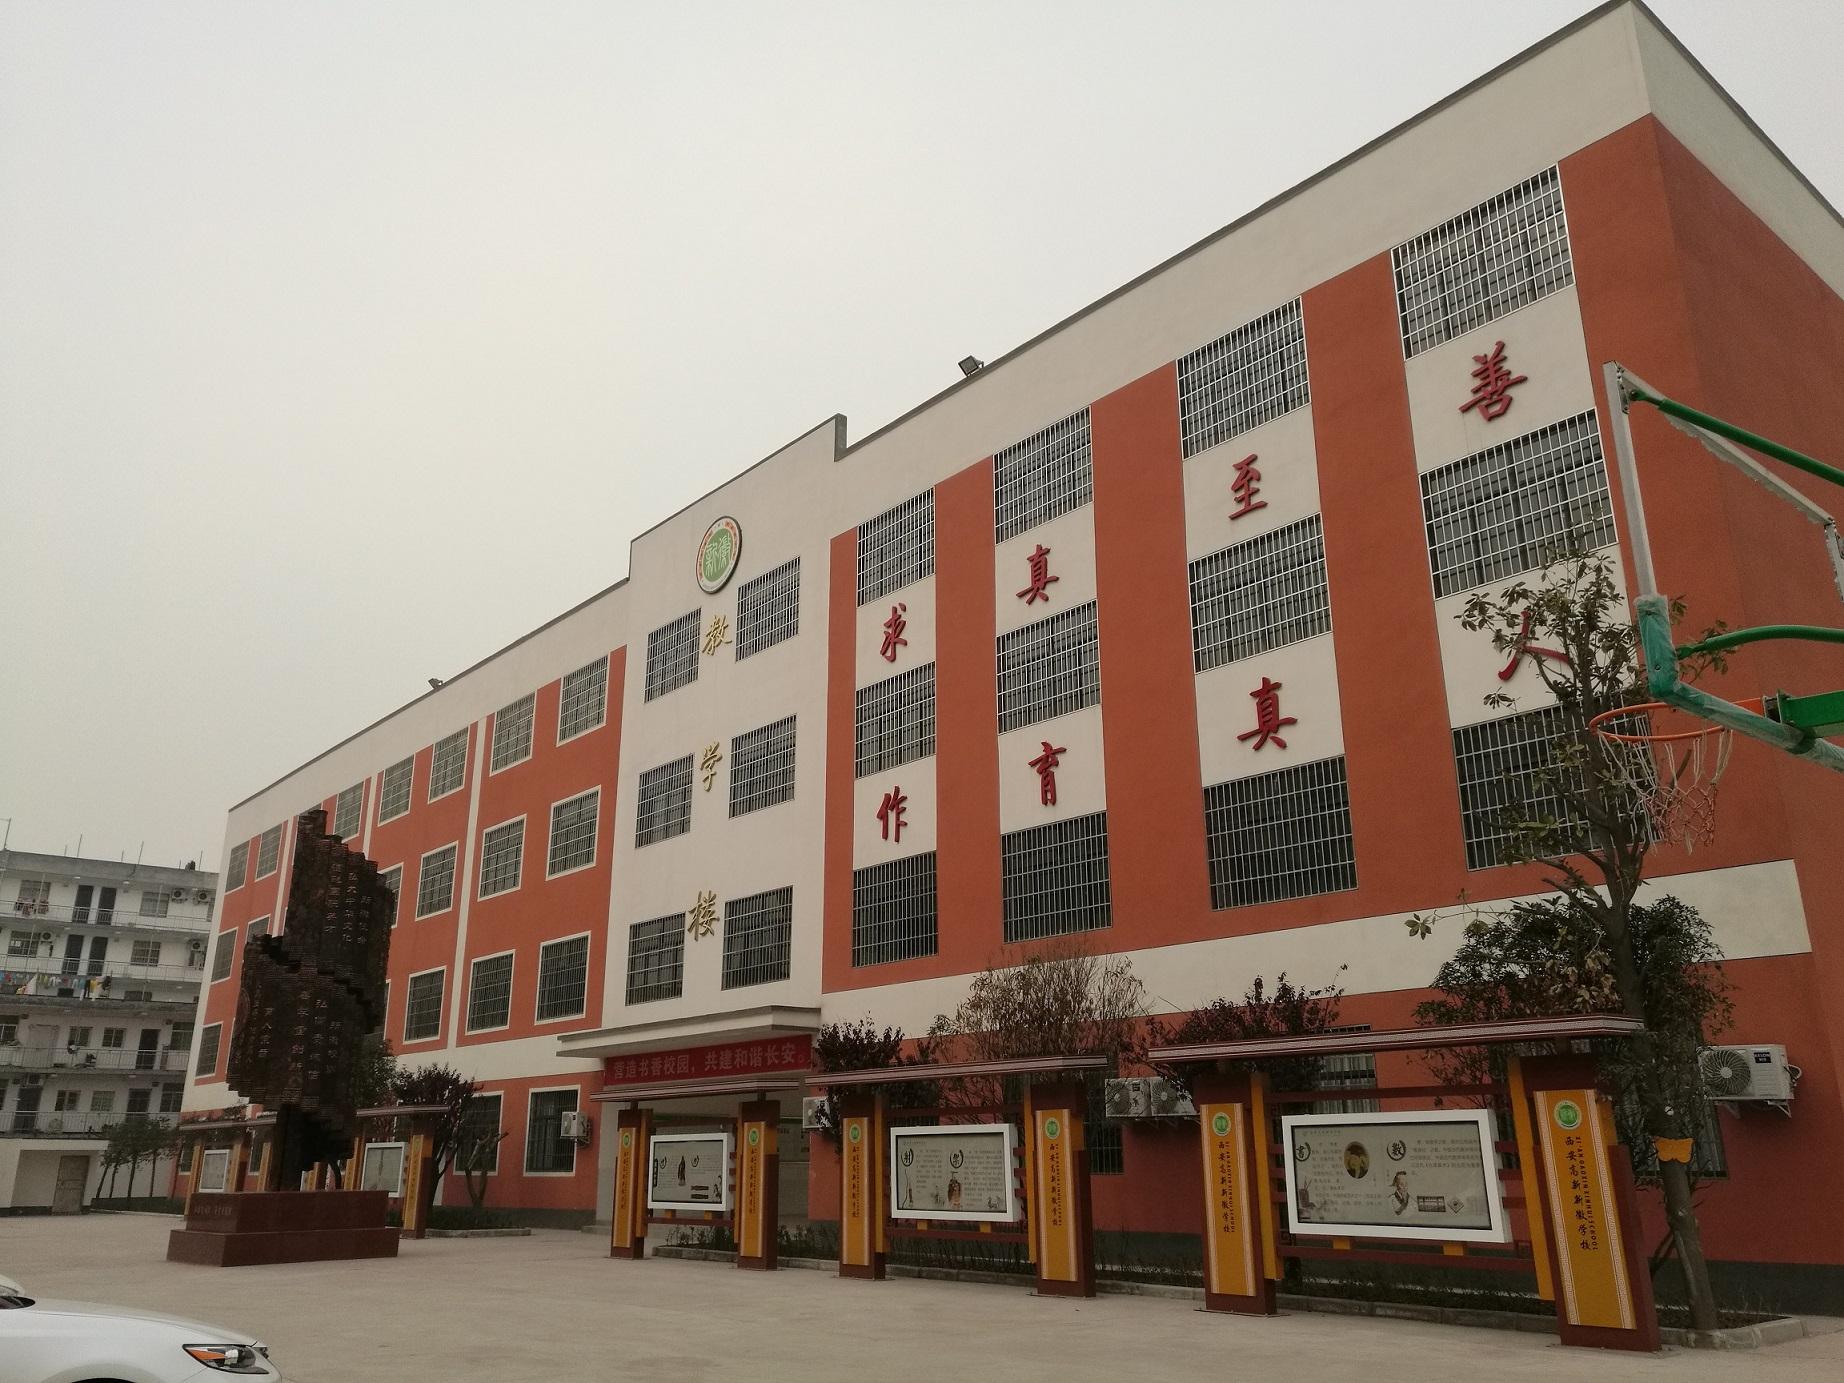 陕西教育用房驾校用房安全性备案检测鉴定